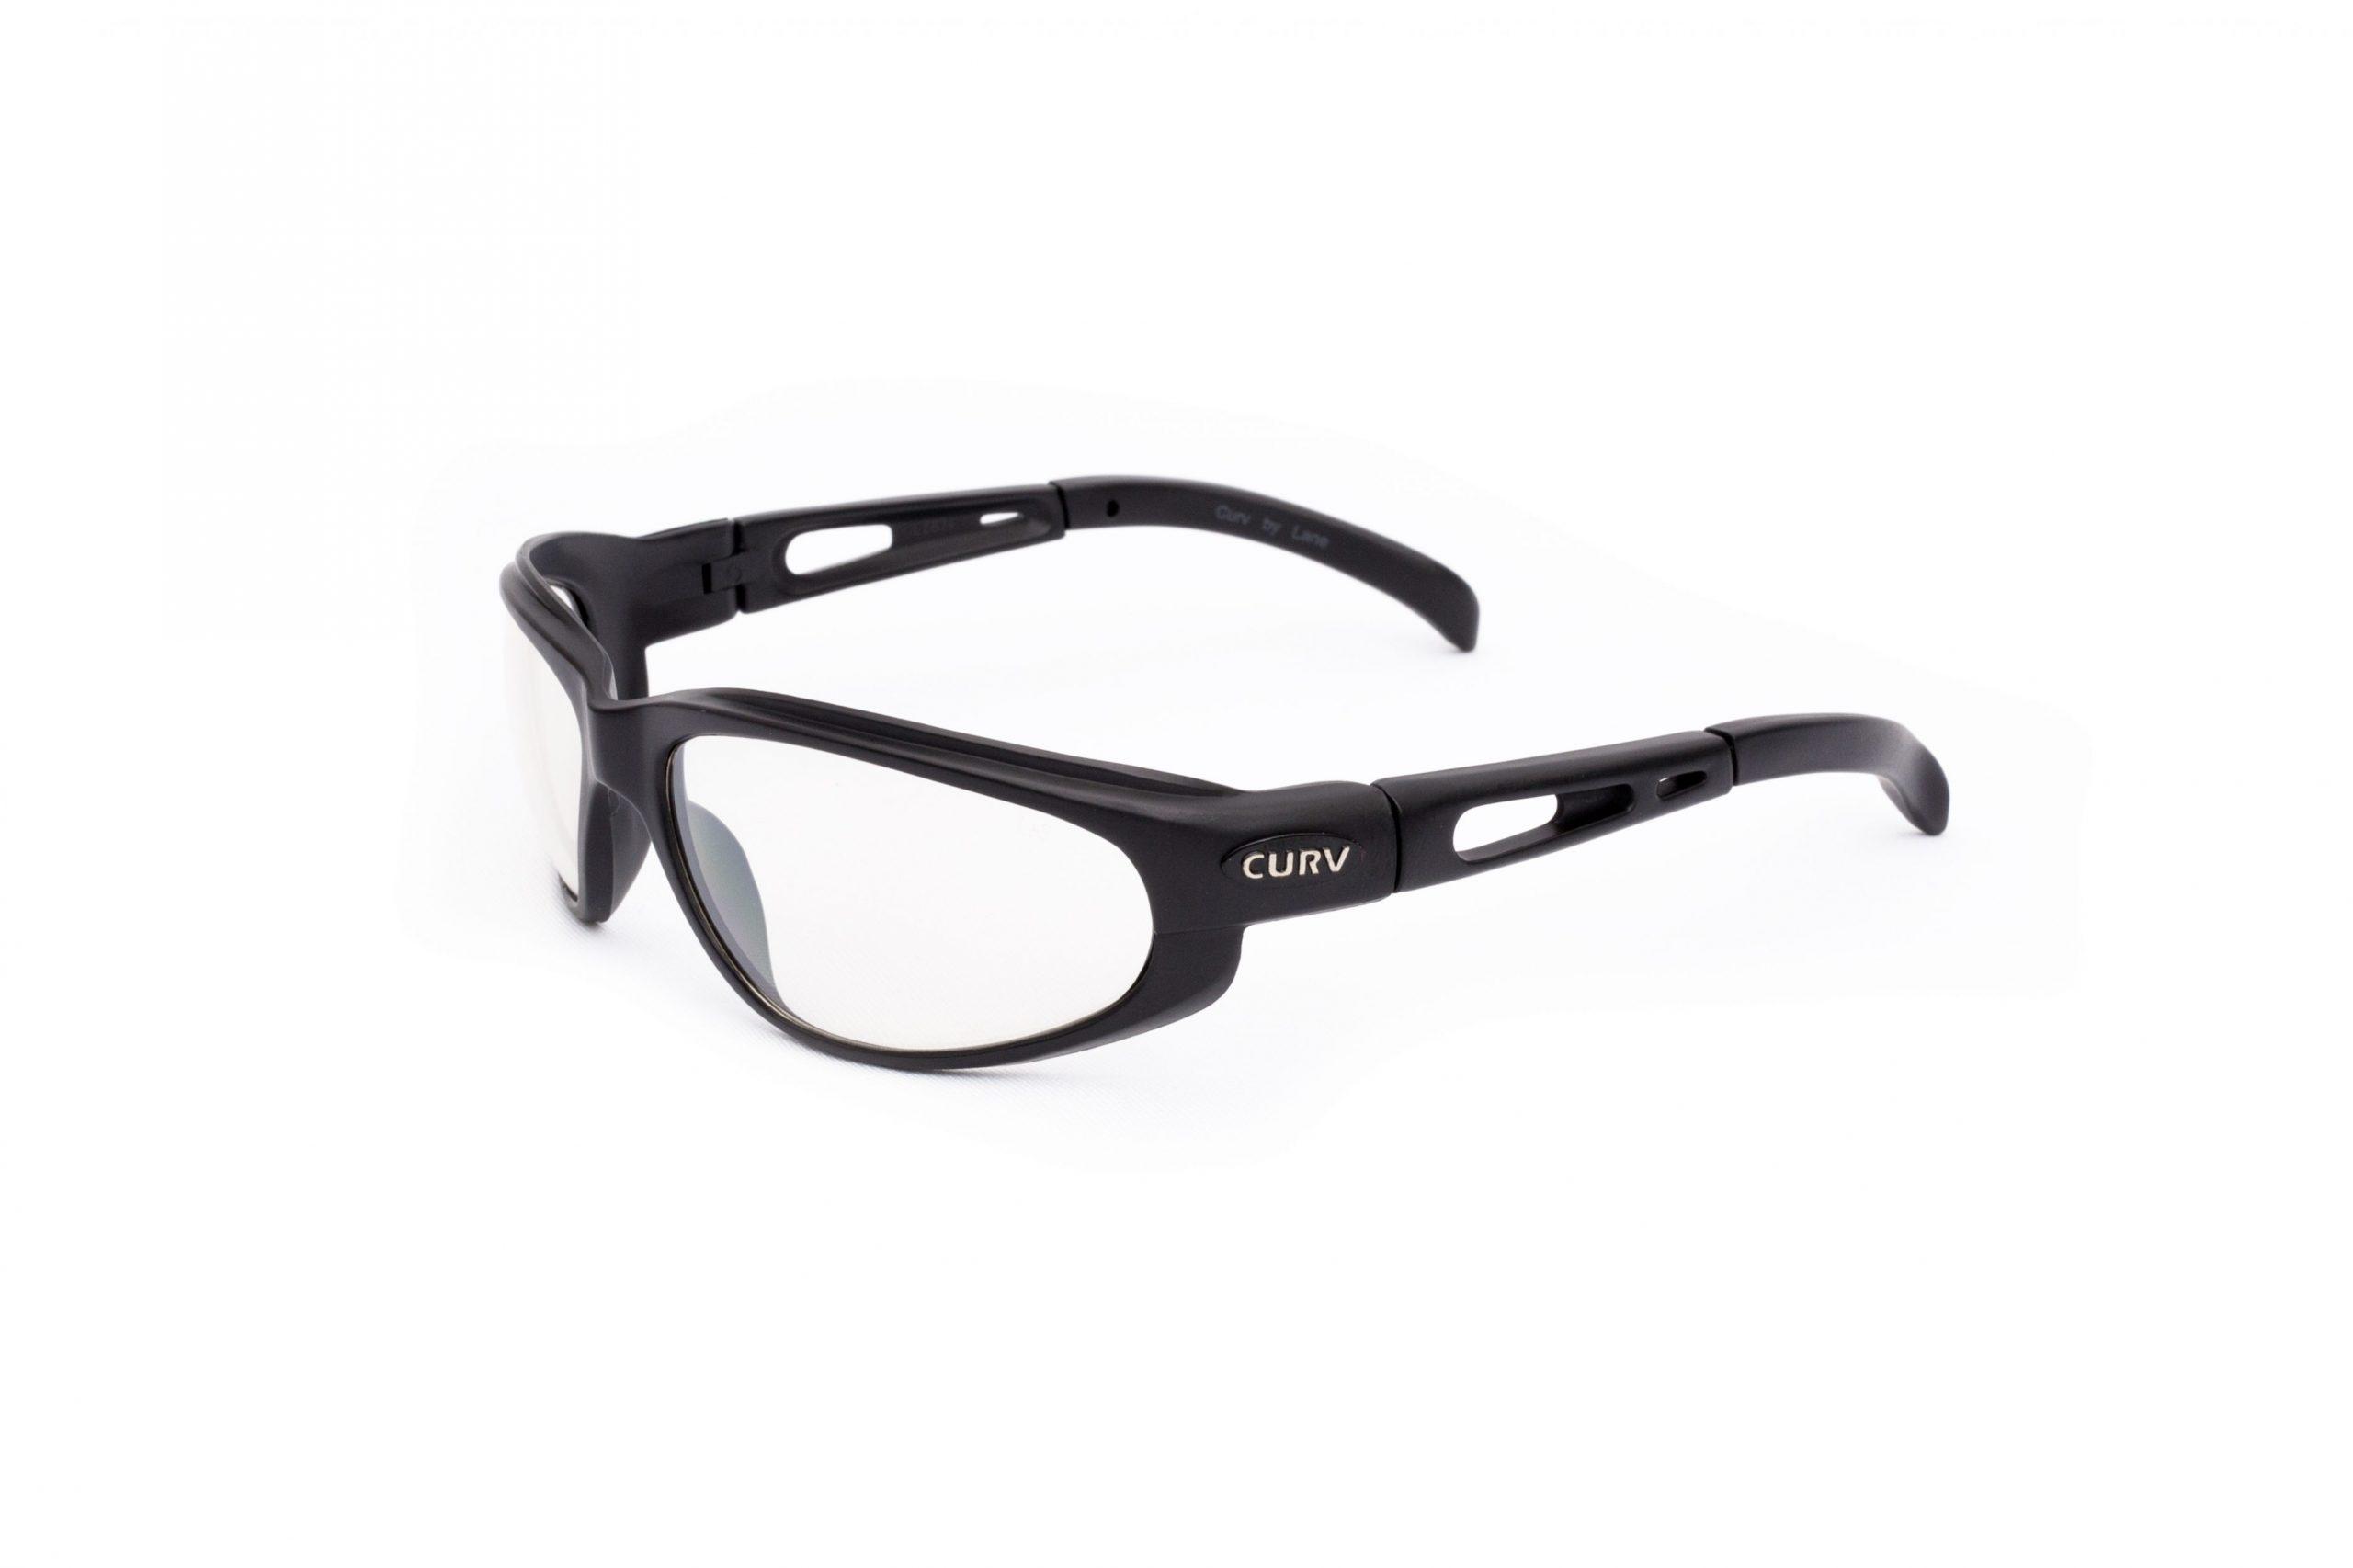 01-02 Curv Clear Lens